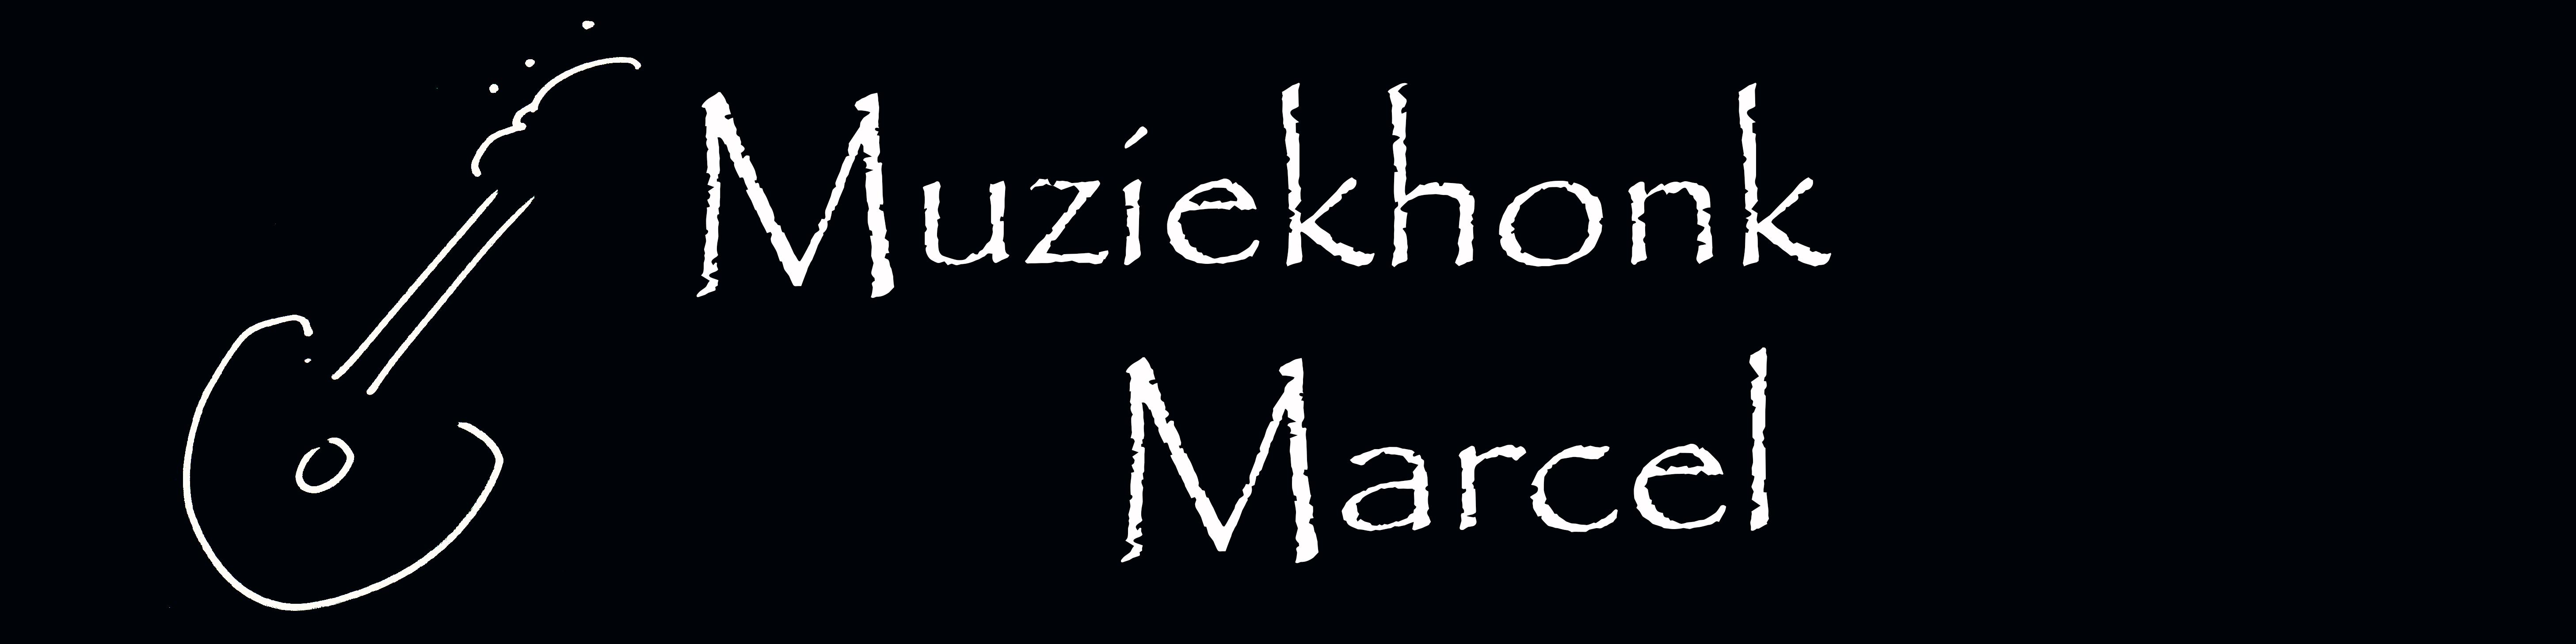 Muziekhonk Marcel